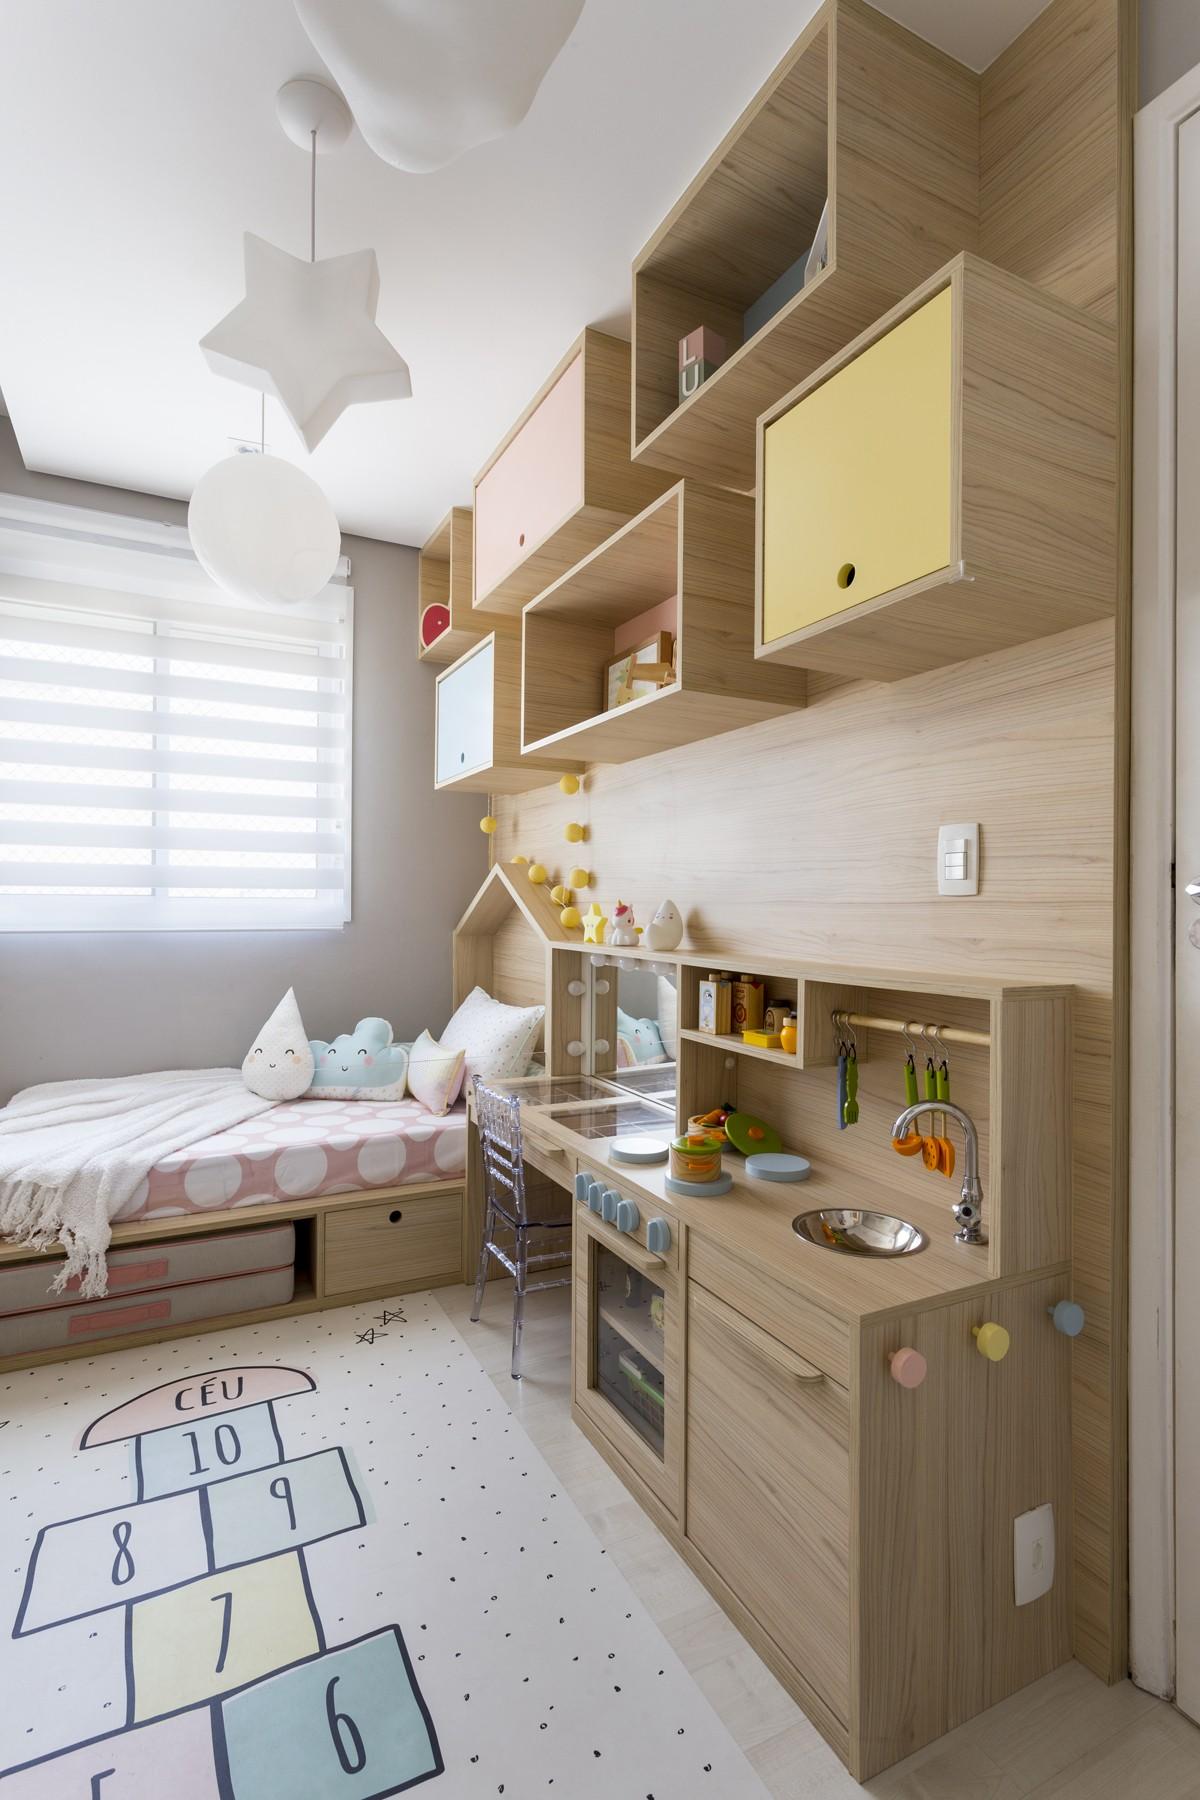 Décor do dia: quarto infantil com decoração lúdica e espaço para atividades (Foto: Matho Fotografia)